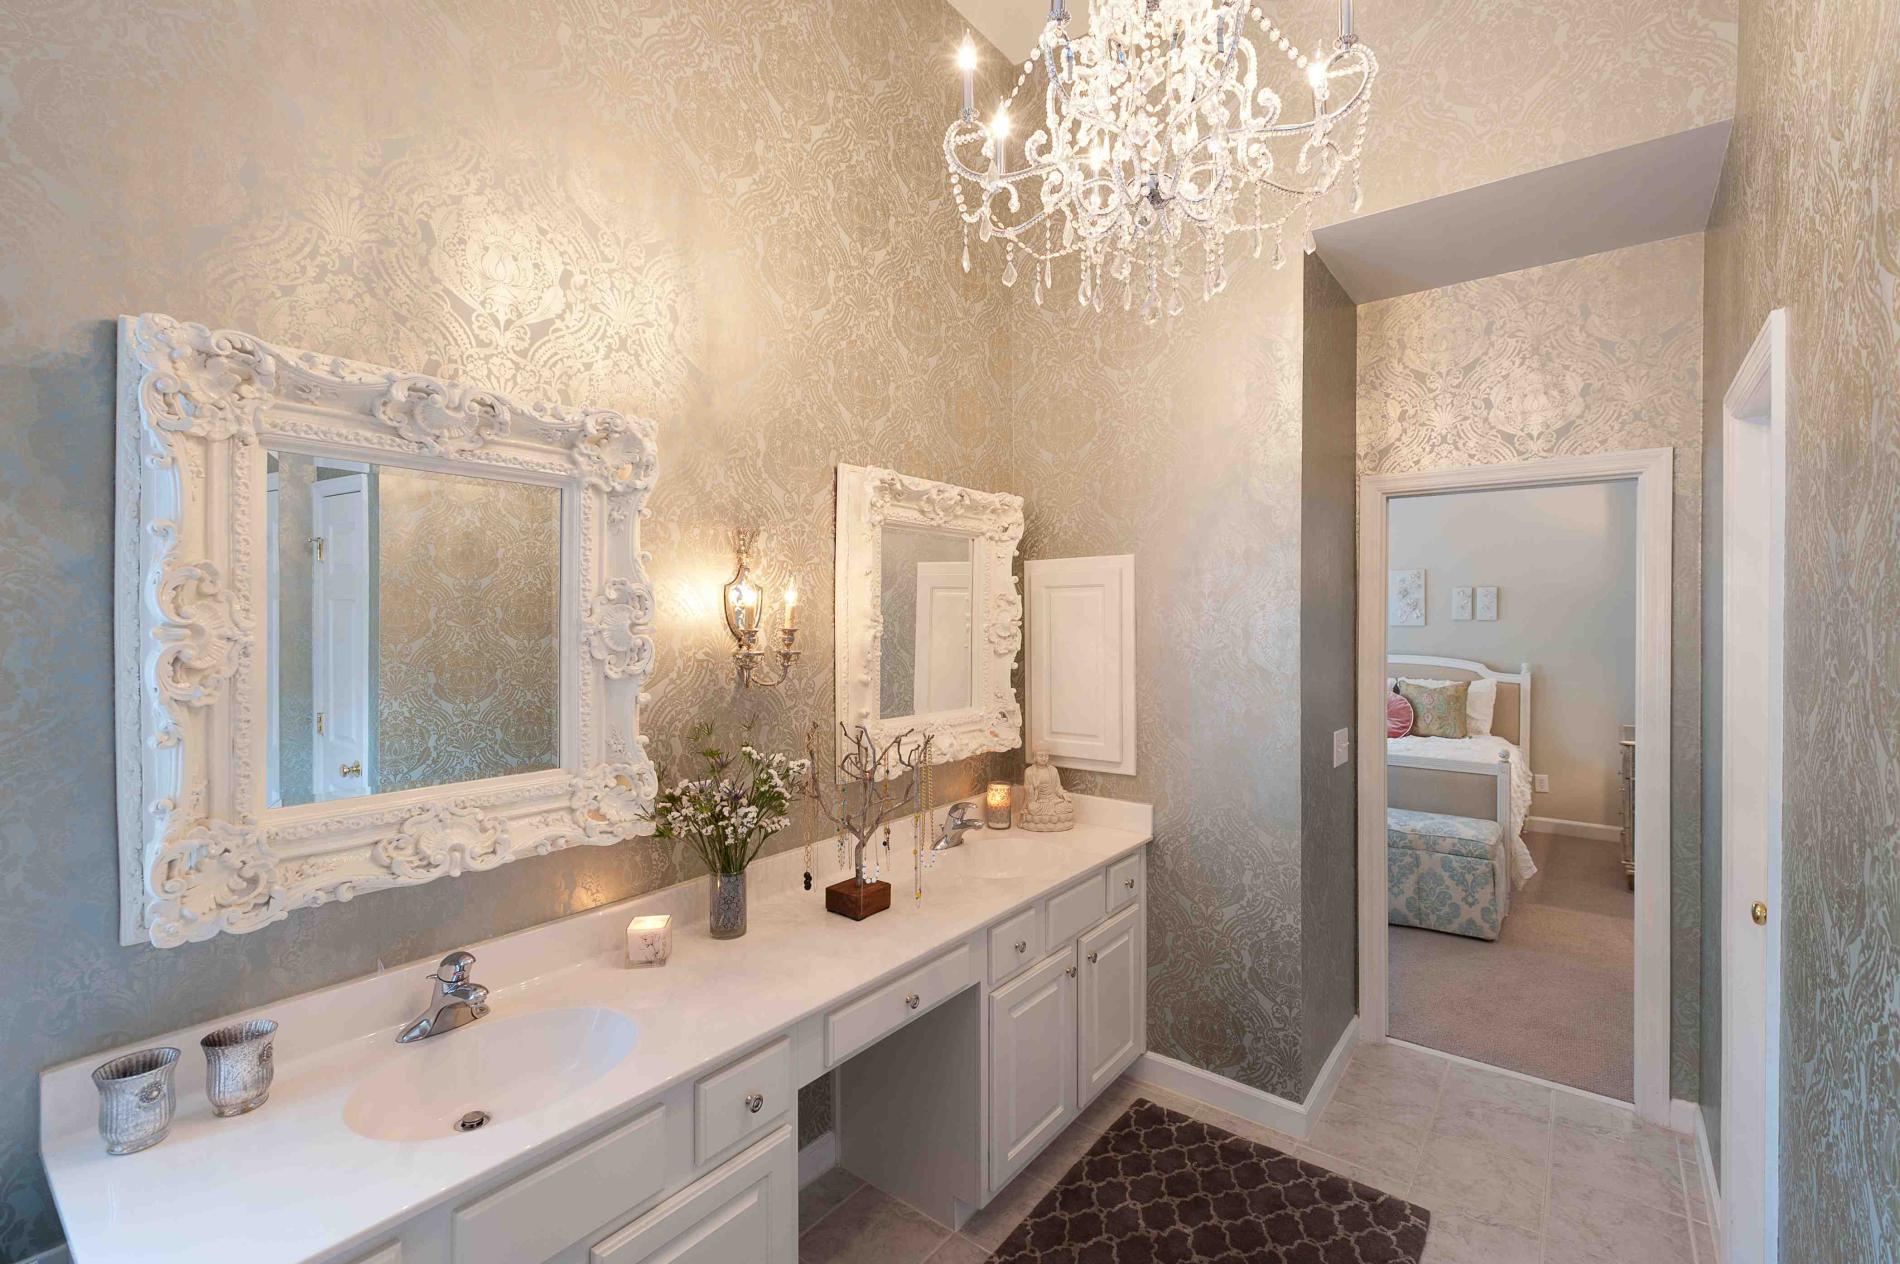 классический дизайн ванной комнаты.jpg